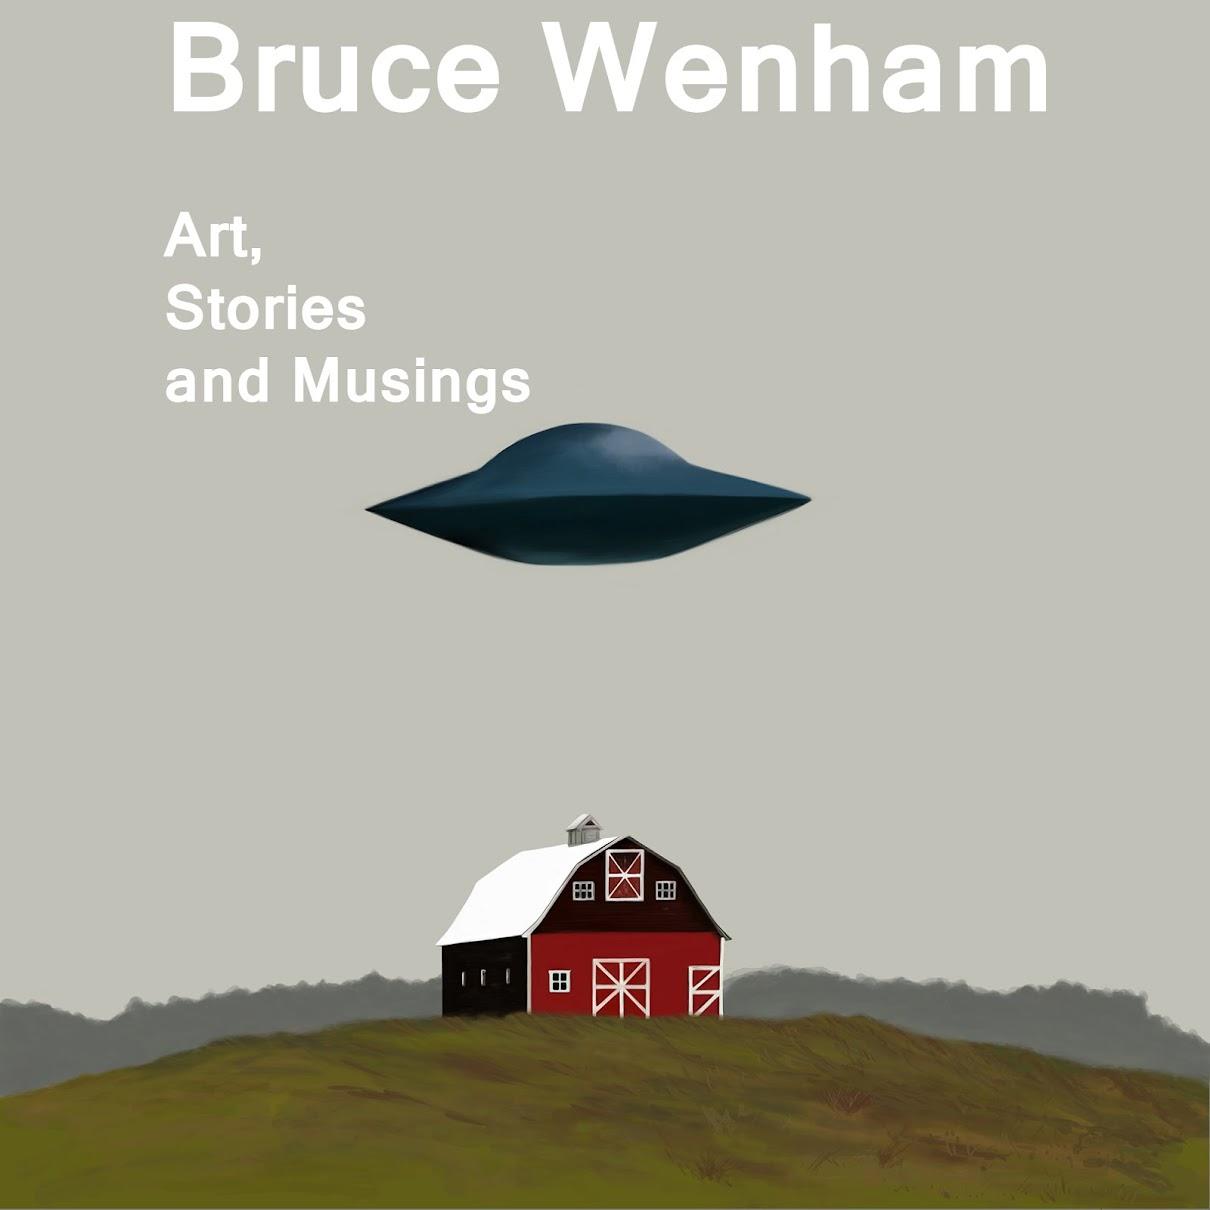 Bruce Wenham